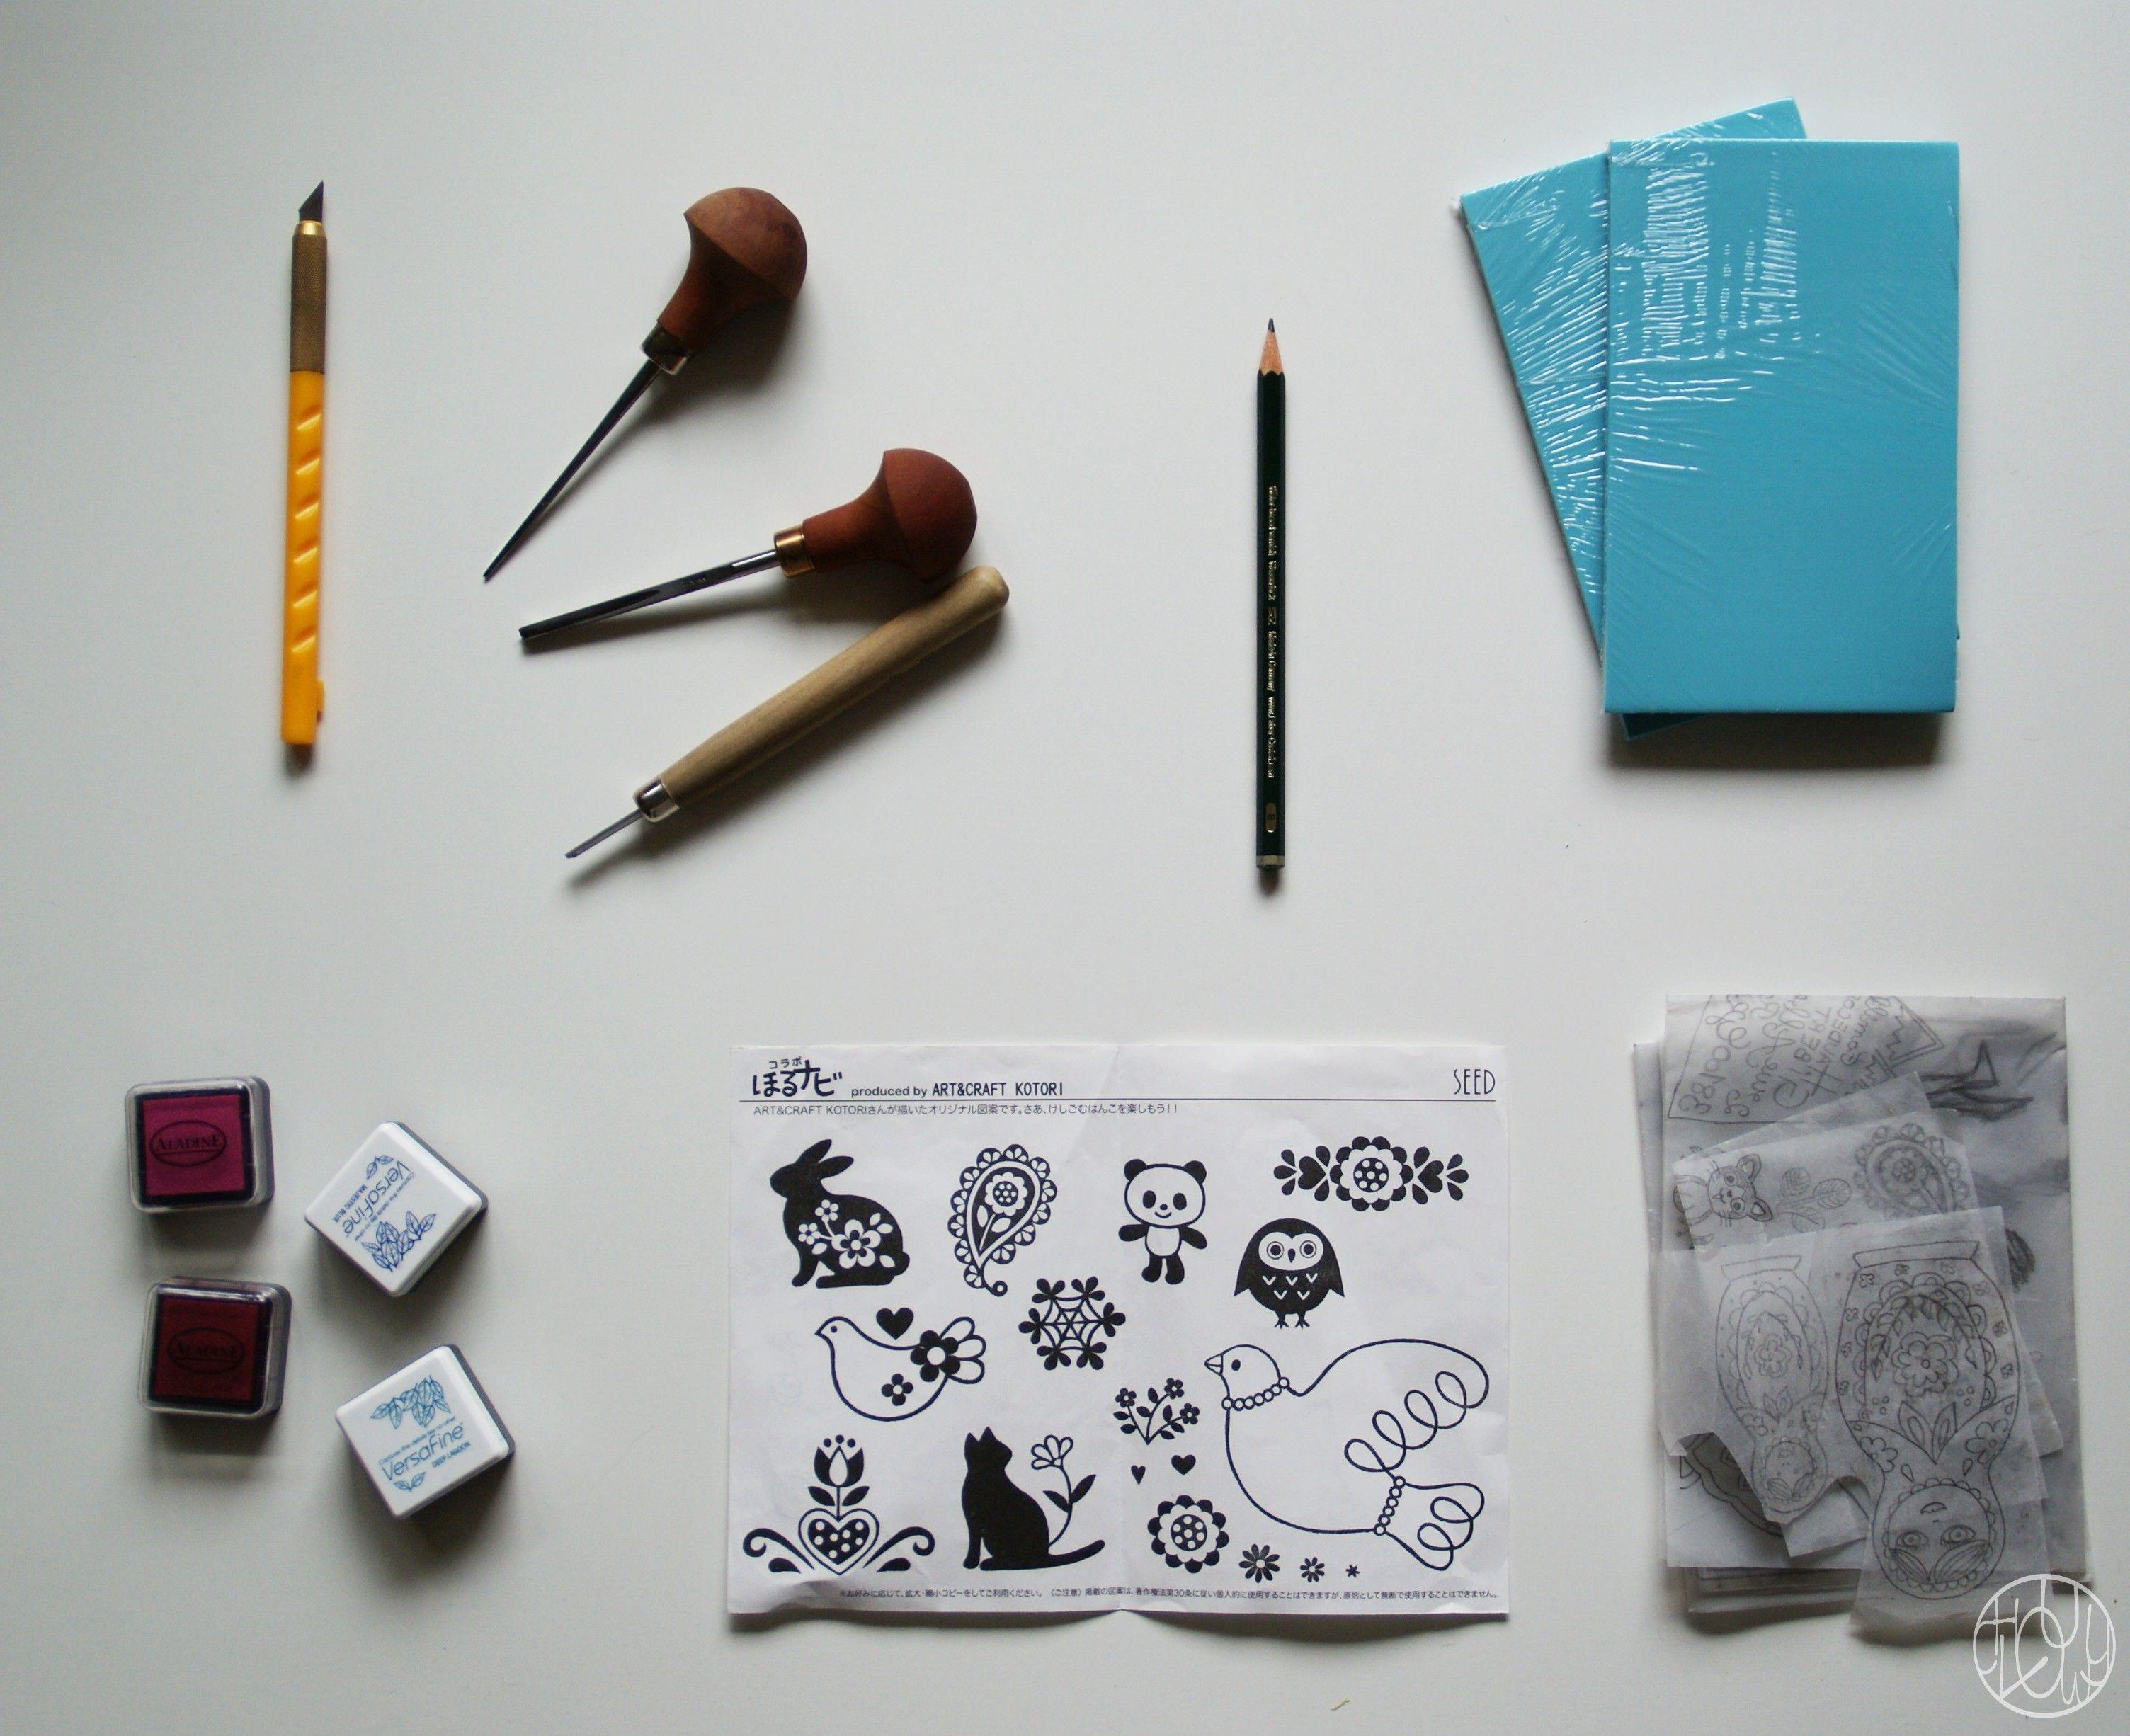 quel mat riel pour commencer la gomme graver lino diy crafts et scrapbook. Black Bedroom Furniture Sets. Home Design Ideas